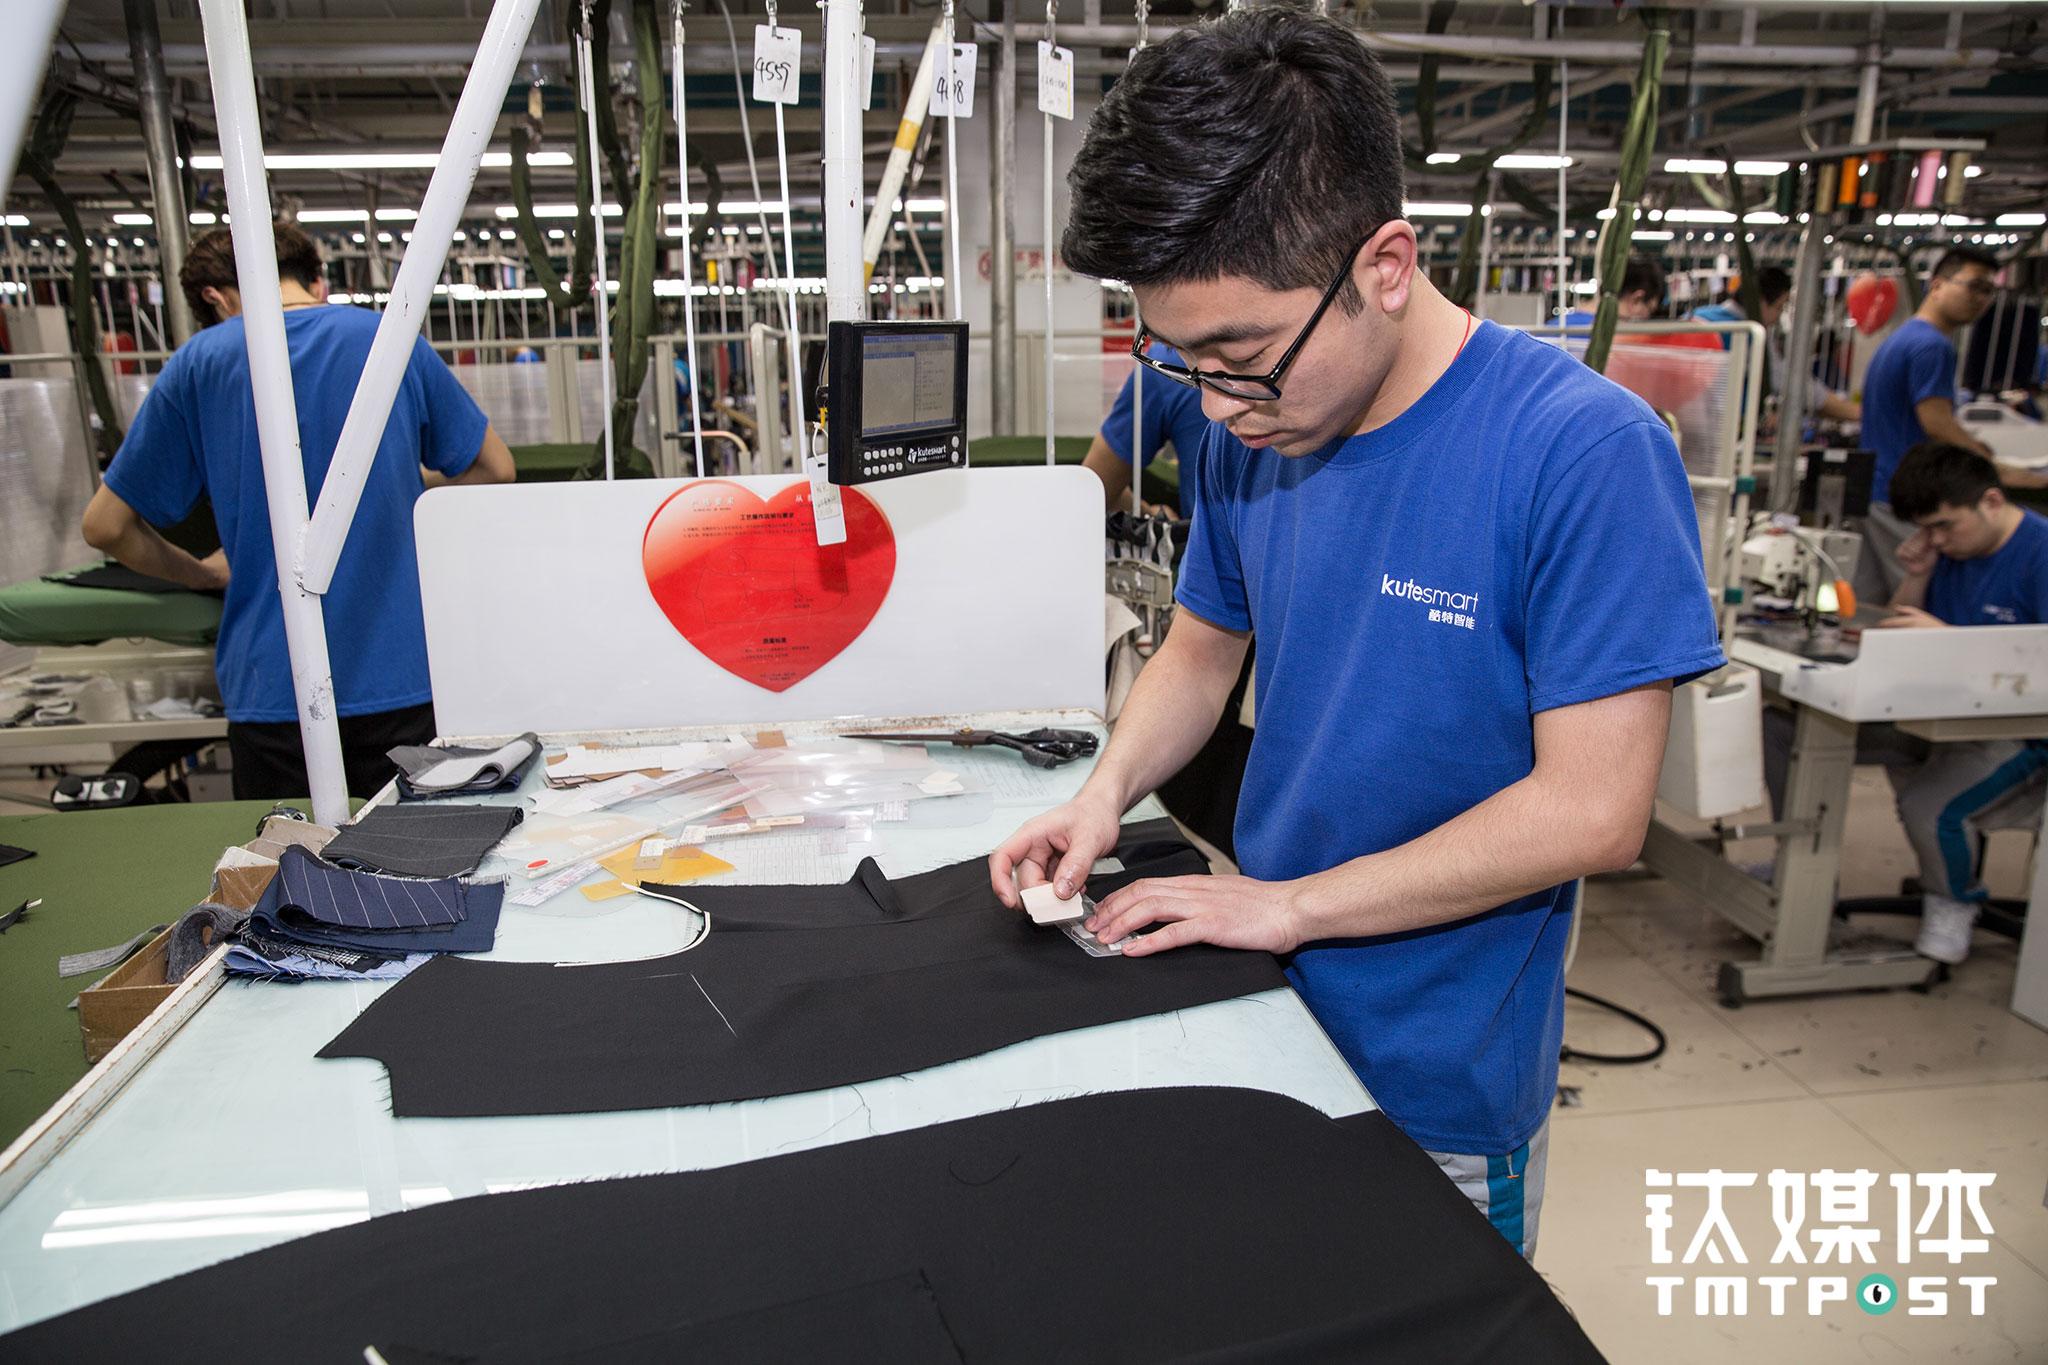 小徐的工作是画袋位,他每天要画大约500件,每拿到一件衣服在右侧屏幕打卡,对他来讲都是一笔不同的收入,根据每一件衣服的面料和造型和工艺的难易程度,小徐所得到计件报酬也不一样。